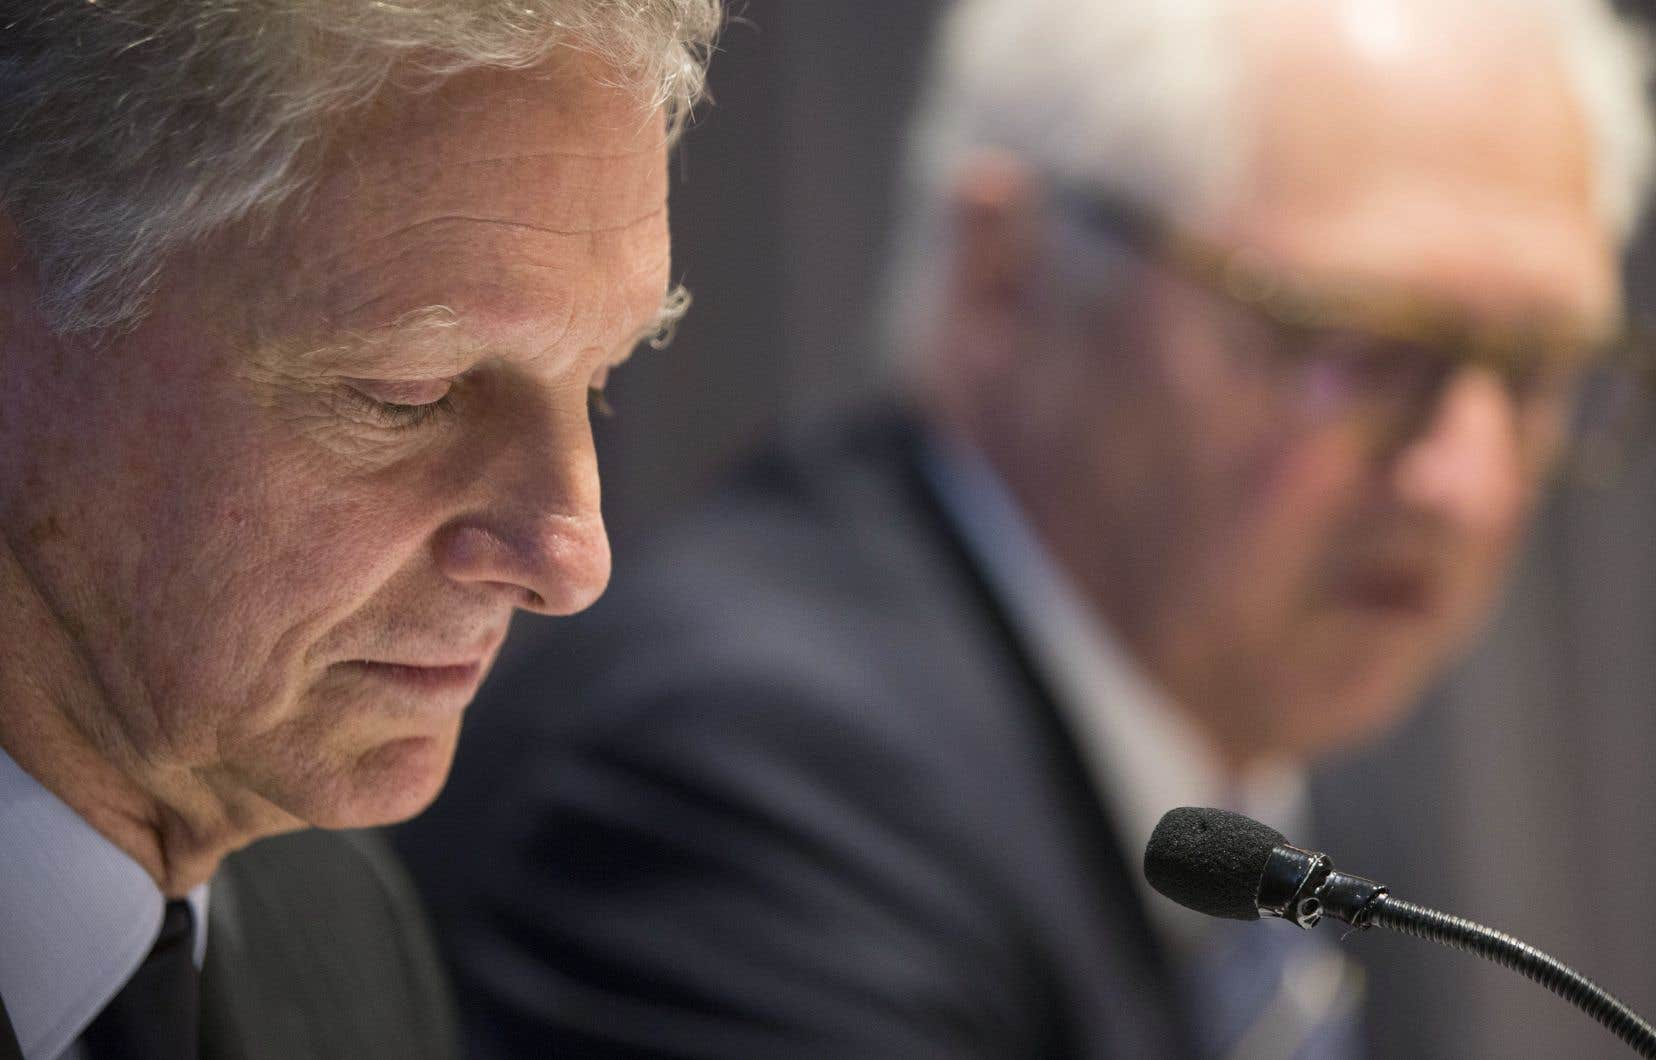 Le président du conseil de Power Corporation, Paul Desmarais Jr, a estimé que la décision du gouvernement fédéral pourrait créer un précédent inquiétant.